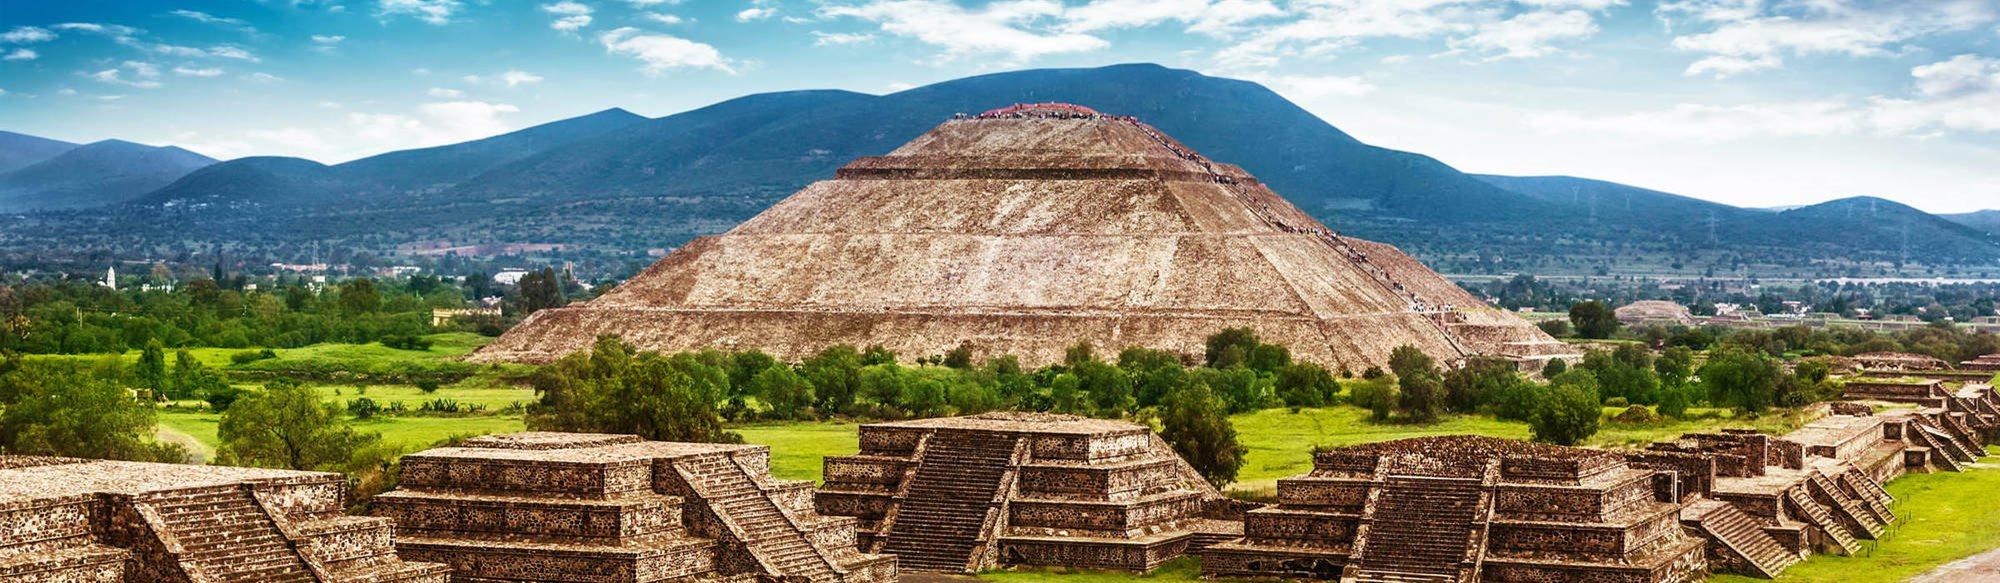 Paras ilmainen dating site Meksikossa